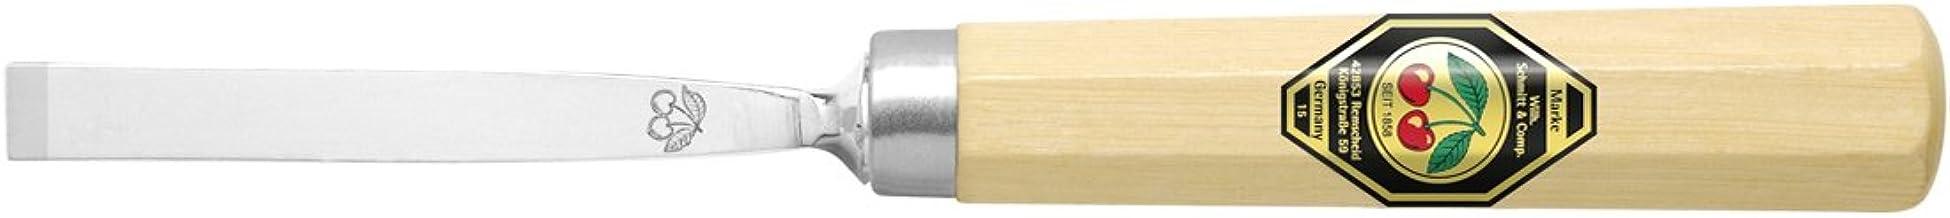 10 16 12 Kirschen 1107 Juego de 6 cinces con cuaderno de haya blanco oscuro y barnizado en caja de madera compuesto de 6 26 mm 20